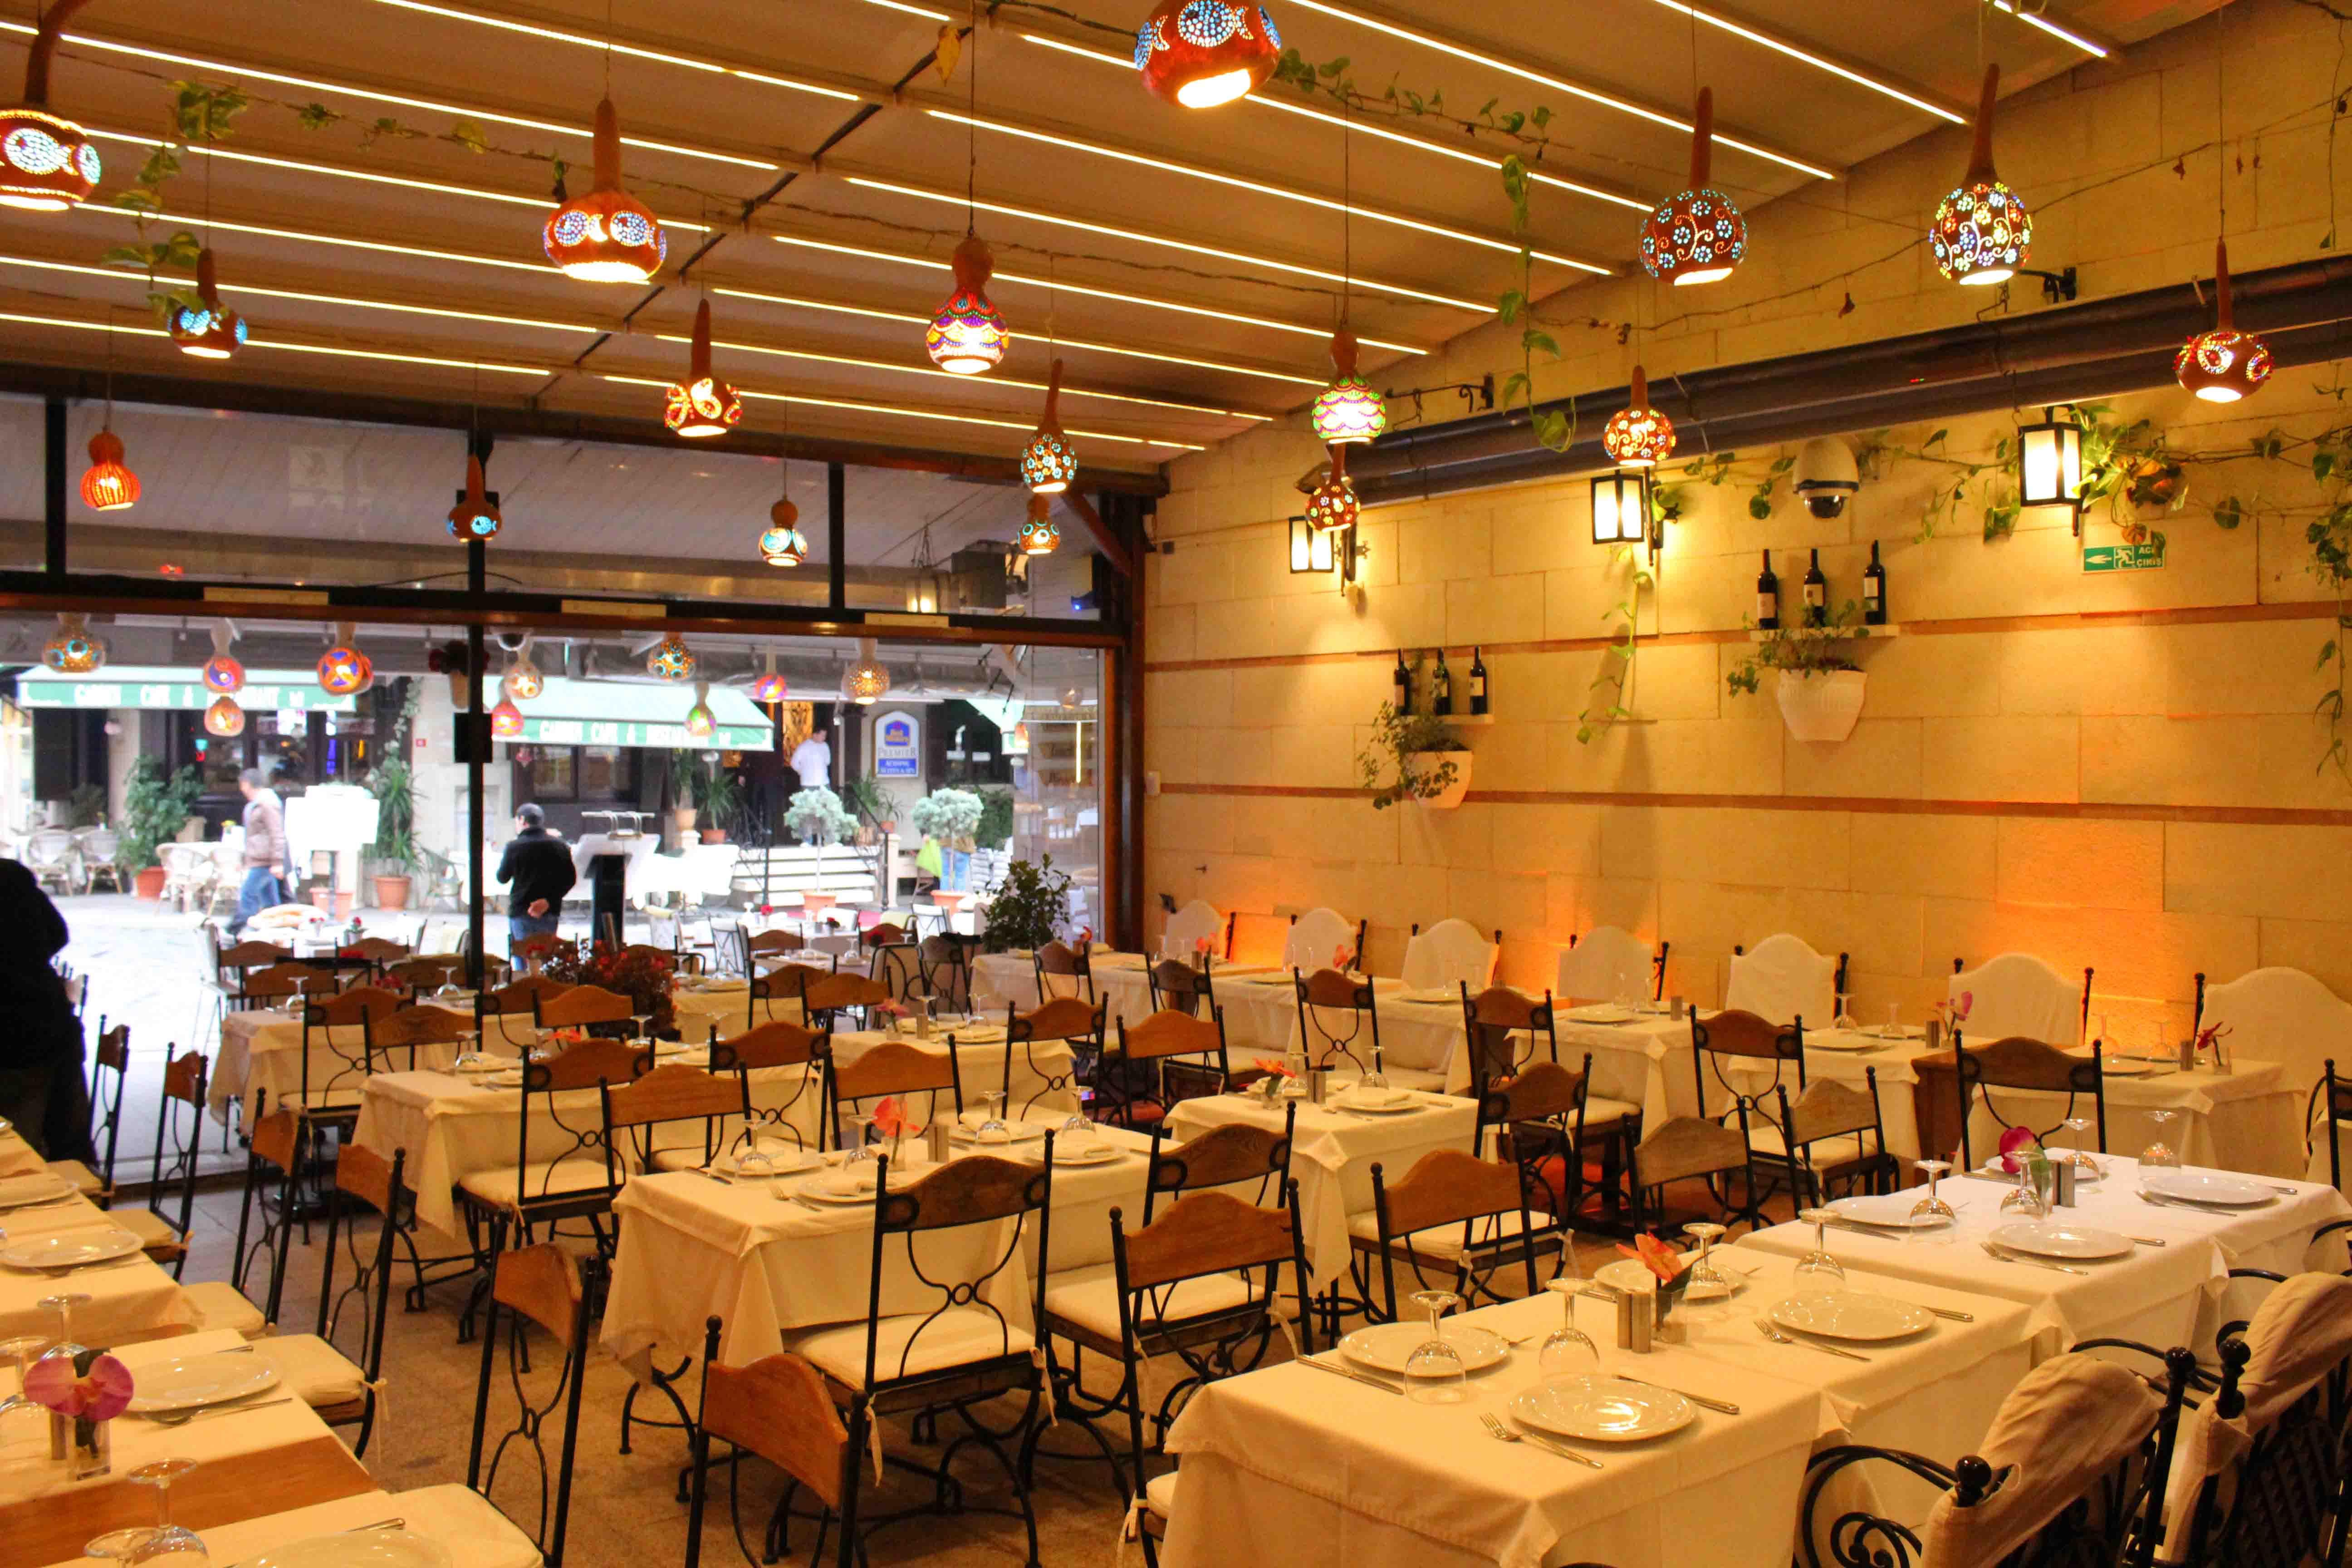 http://www.alburakathisma.com/images/galeri/orjinal/albura-Garden-95.jpg